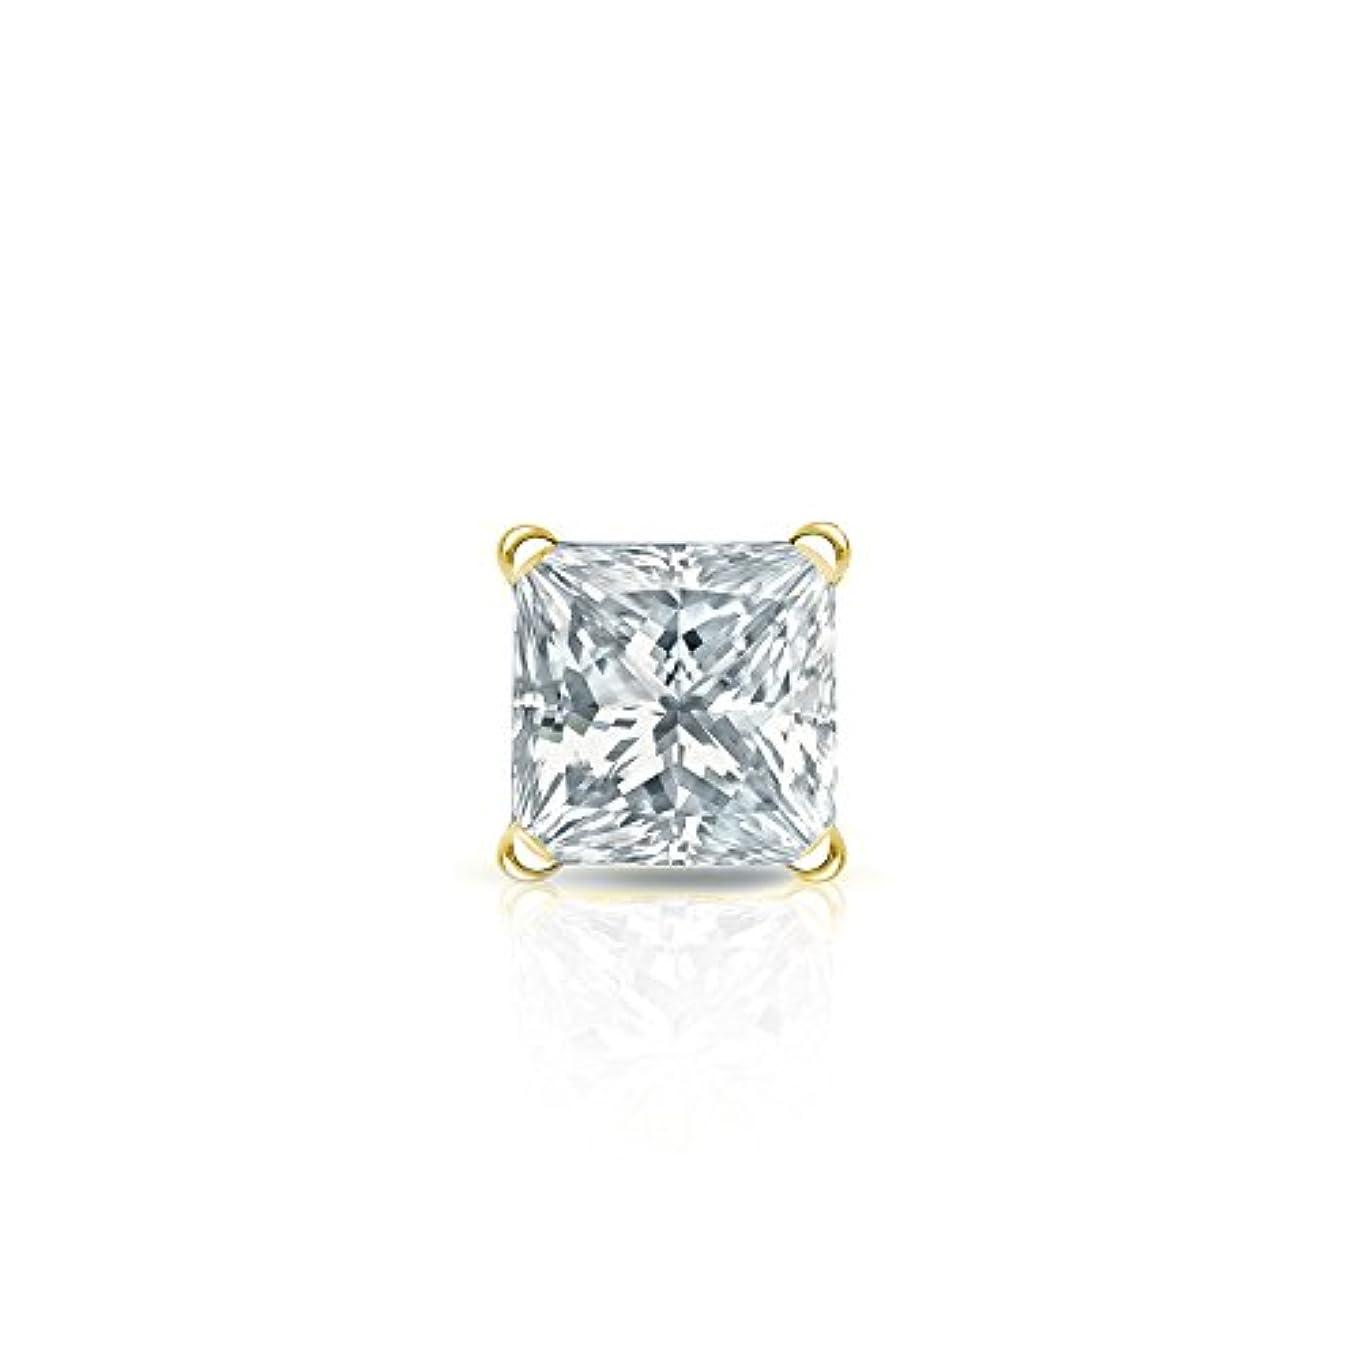 壁紛争食物14 Kゴールド4プロングMartiniプリンセスダイヤモンドシングルスタッドイヤリング( 1 / 8 – 1 CT、ホワイト、si1-si2 ) securelockbackdisc